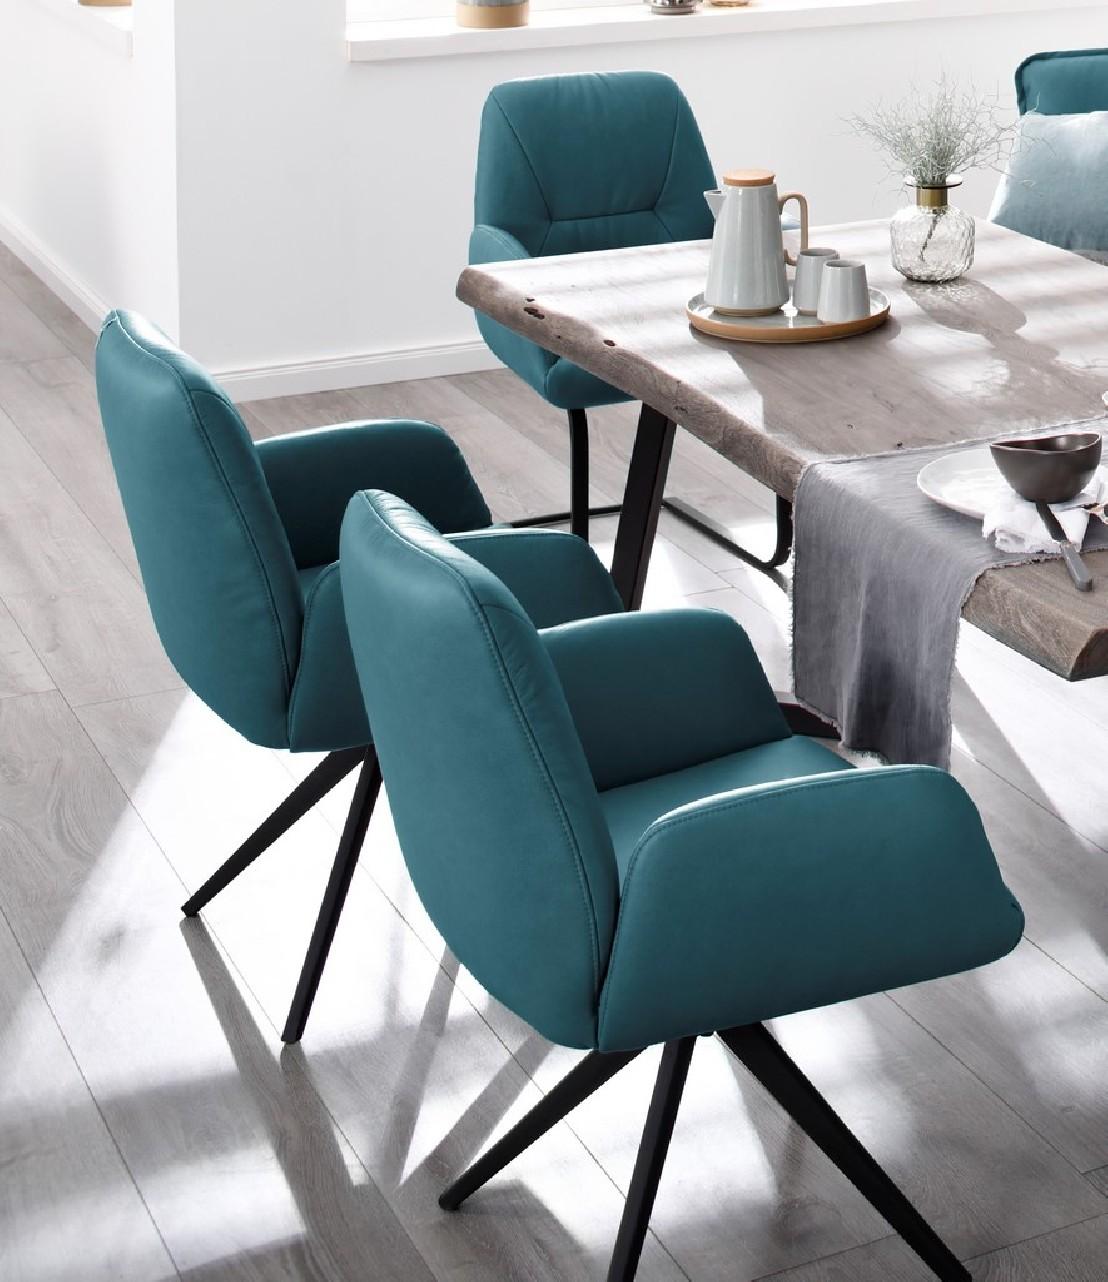 Petits fauteuils cuir par 4 pour table manger ou cuisine Fauteuil de table a manger